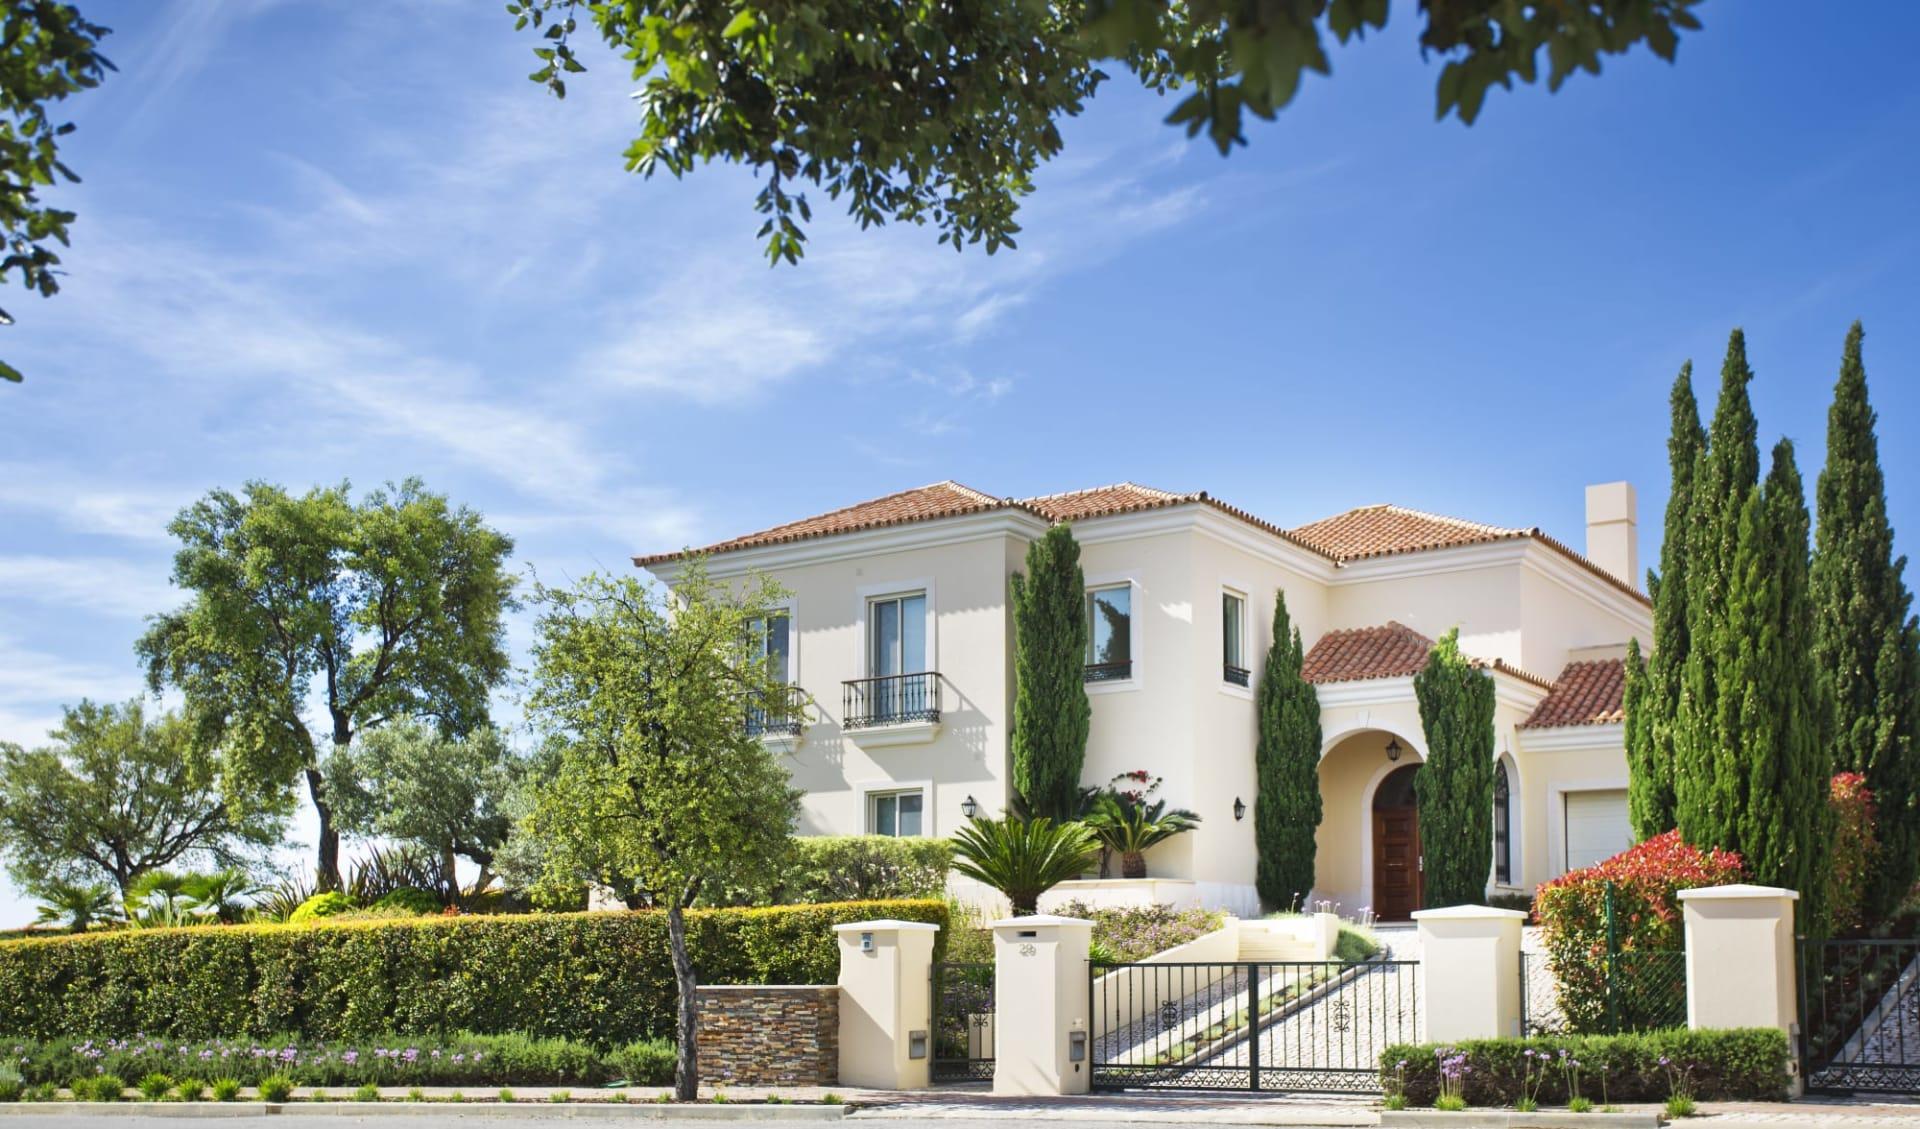 Monte Rei Golf & Country Club in Algarve:  Individual Villa - Front facade